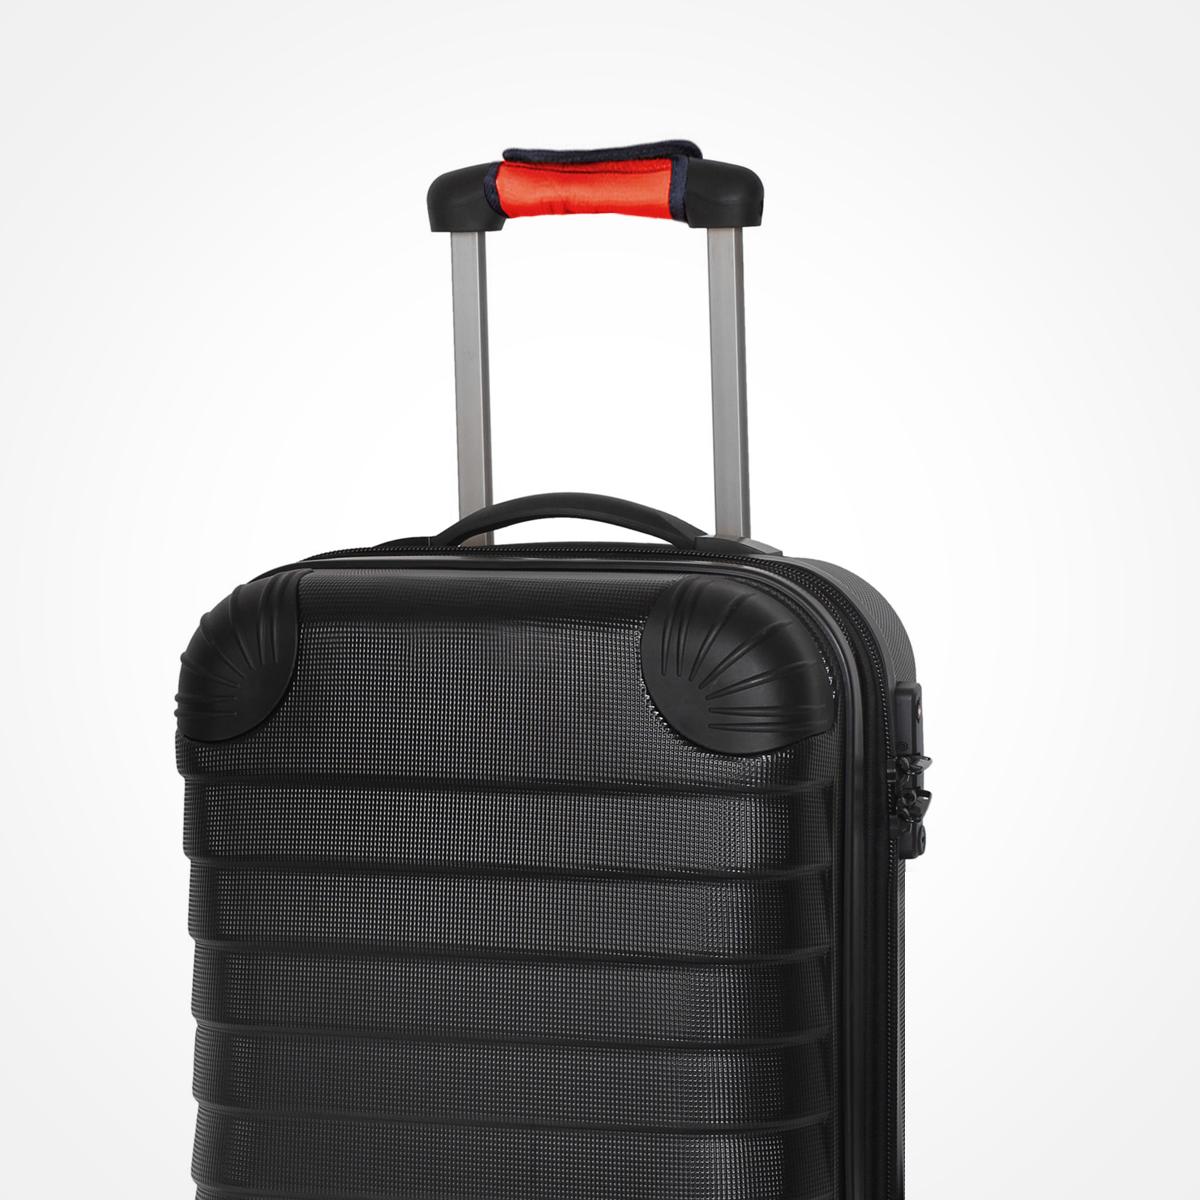 IAG-Neoprene-Luggage-Handle-Wrap-Grips-Lifestyle-2-102118-1200×1200